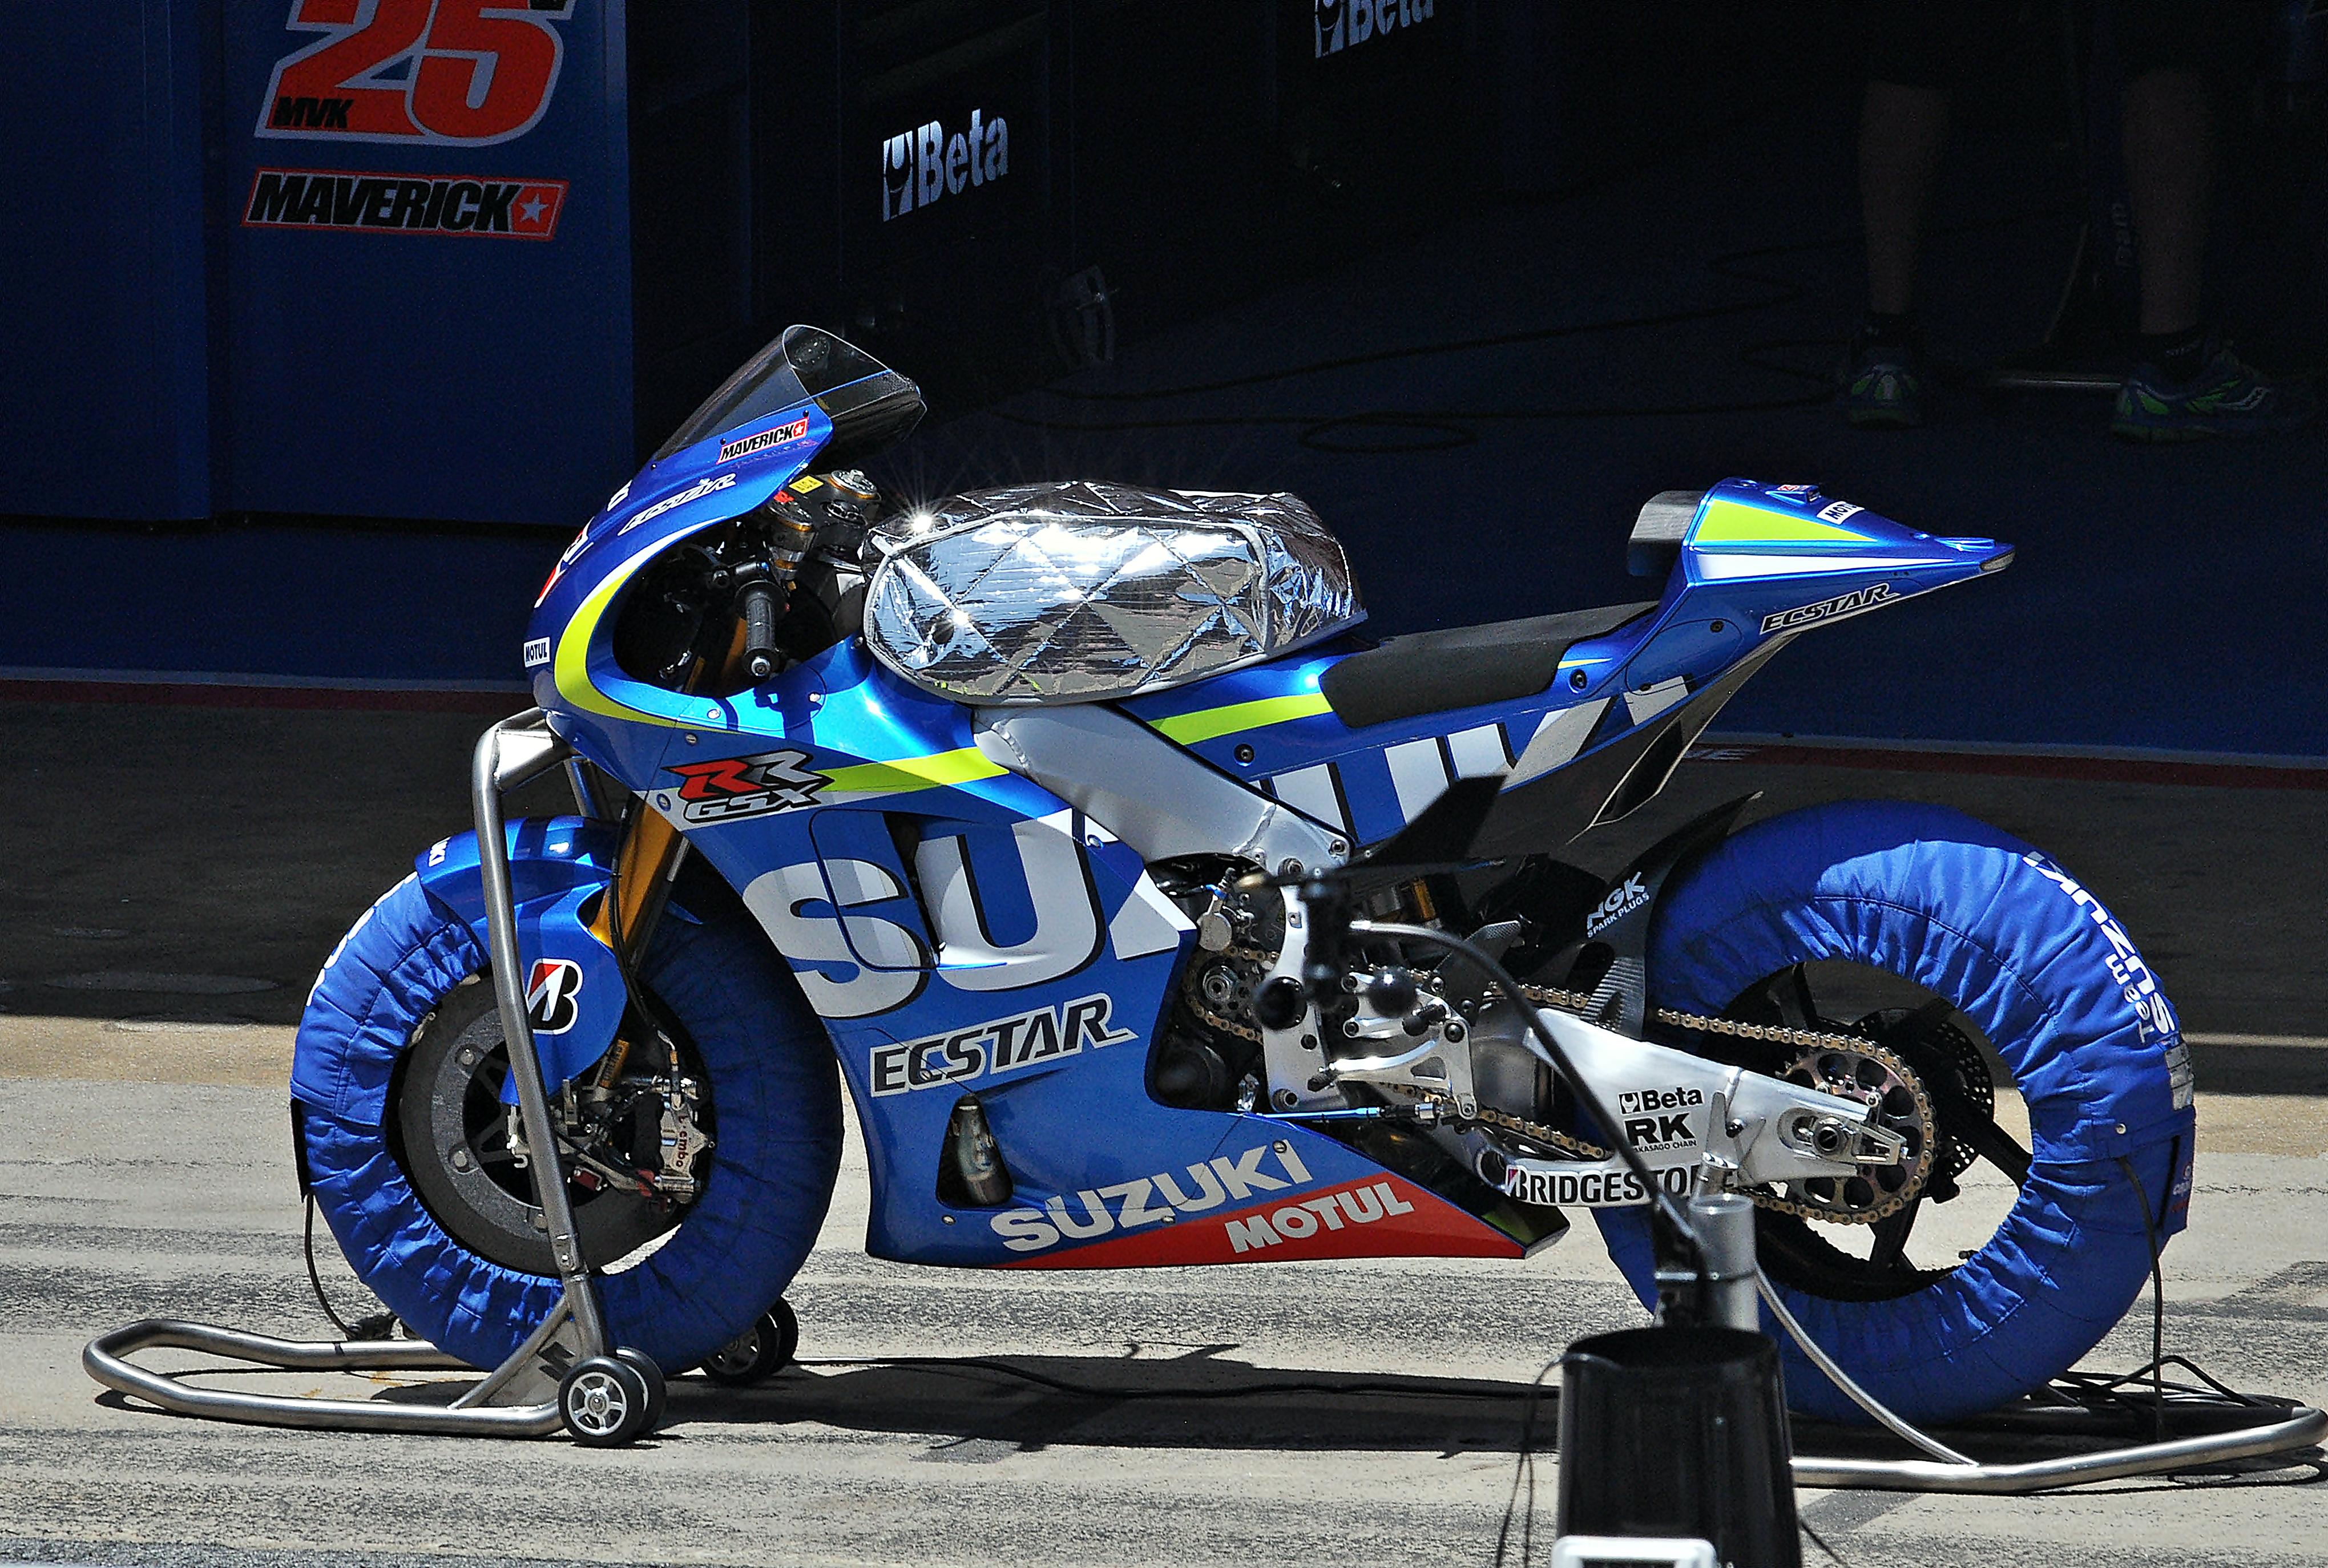 Suzuki Ttitan Exhaust